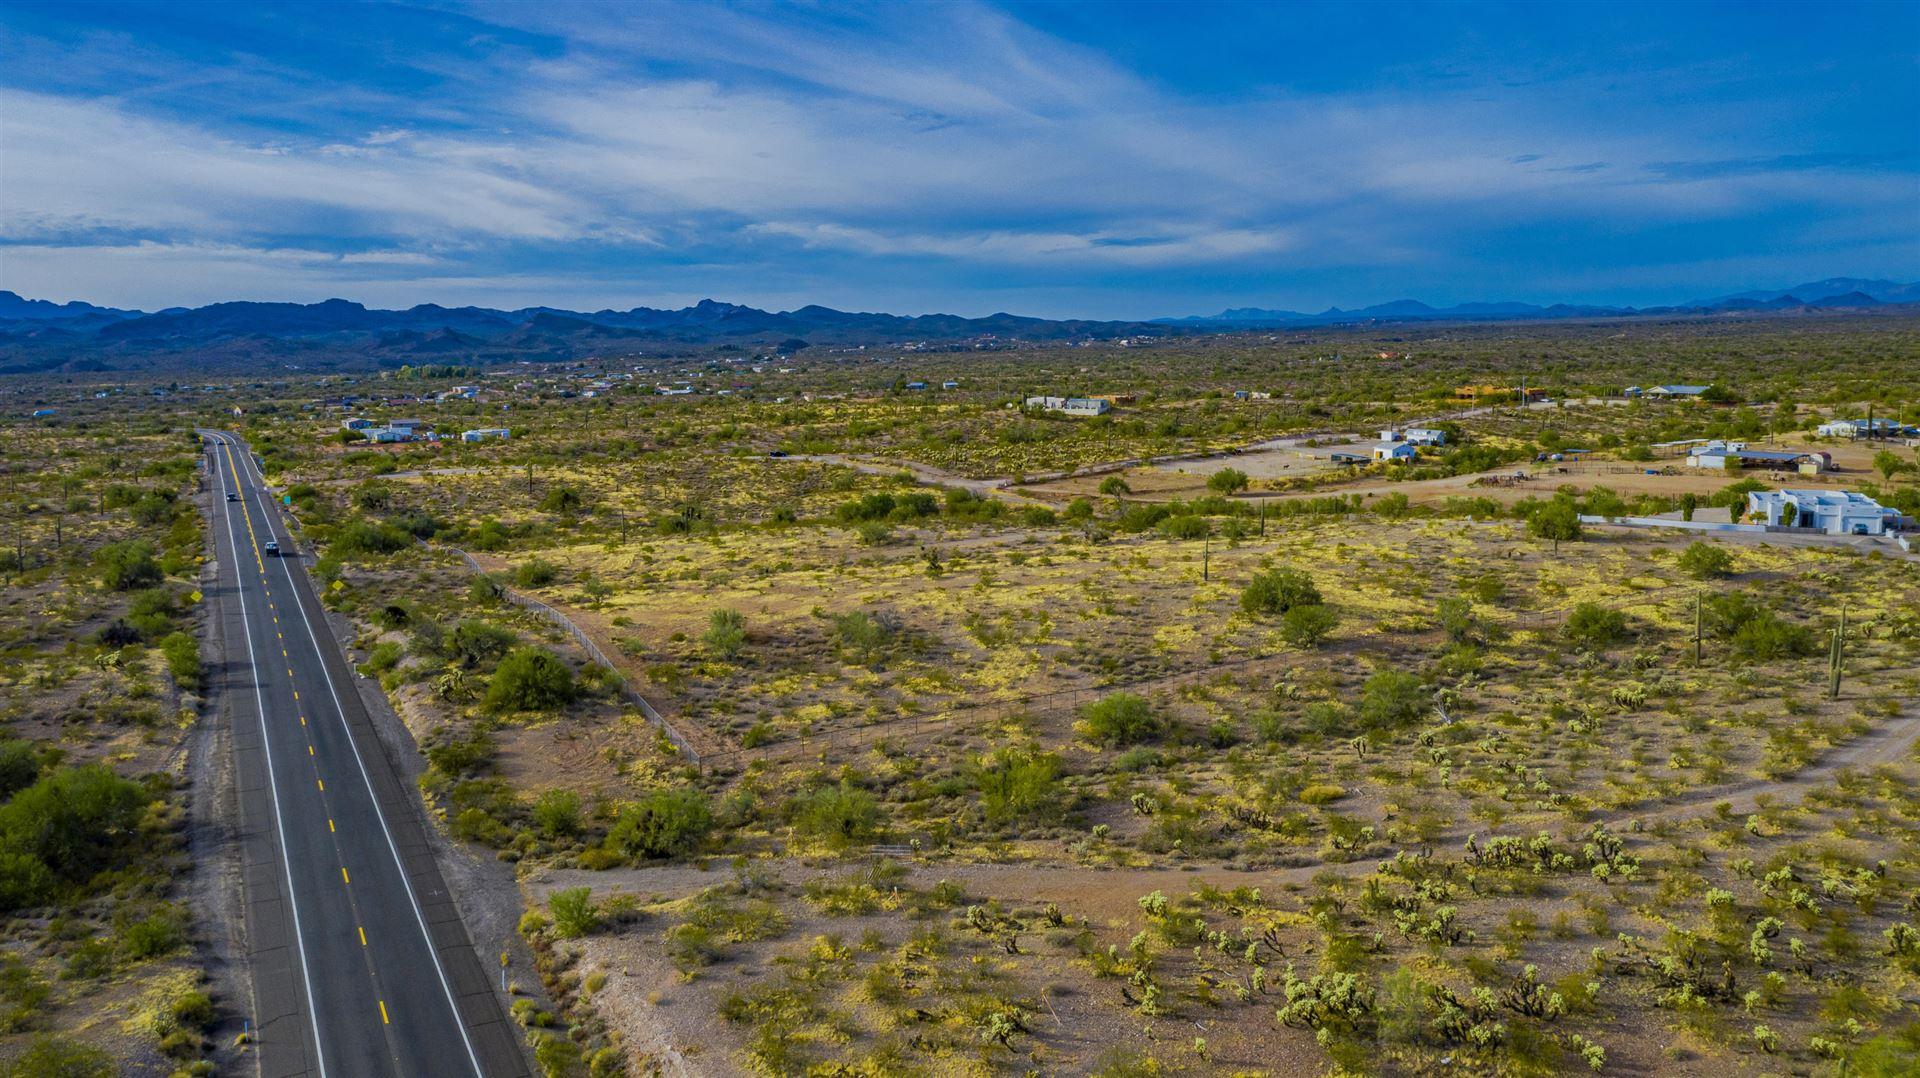 Photo of 40000 N 253 Road, Morristown, AZ 85342 (MLS # 6217580)